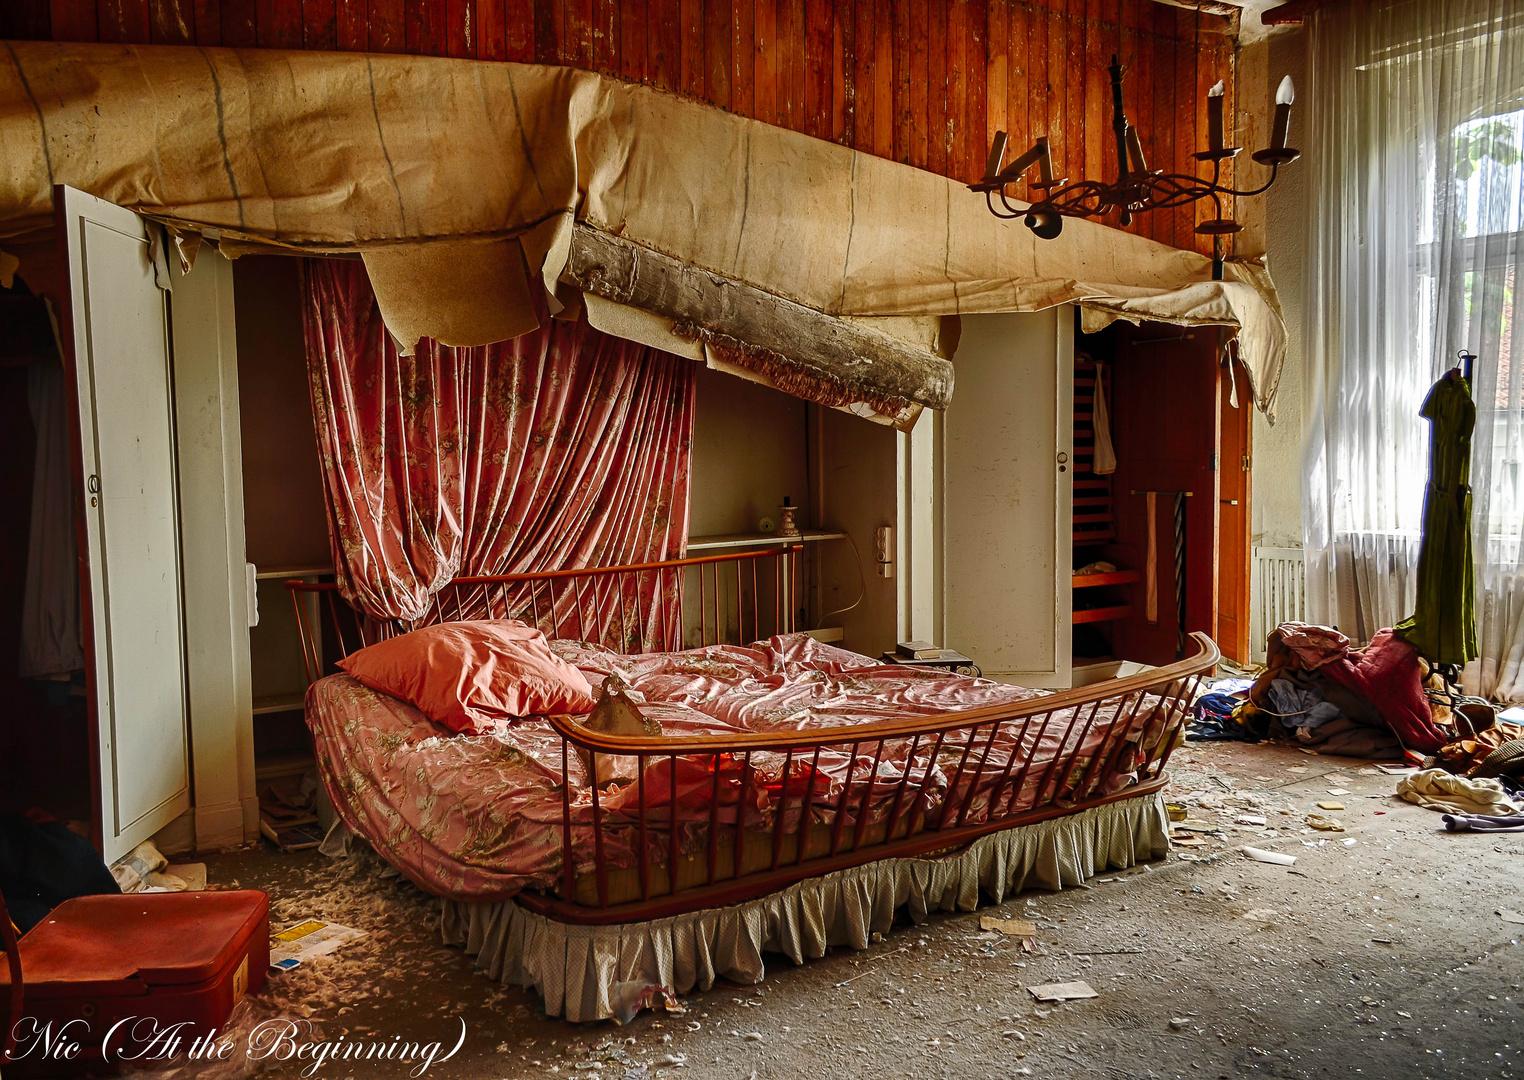 Das berühmte Schlafzimmer - ein Traum in rosé